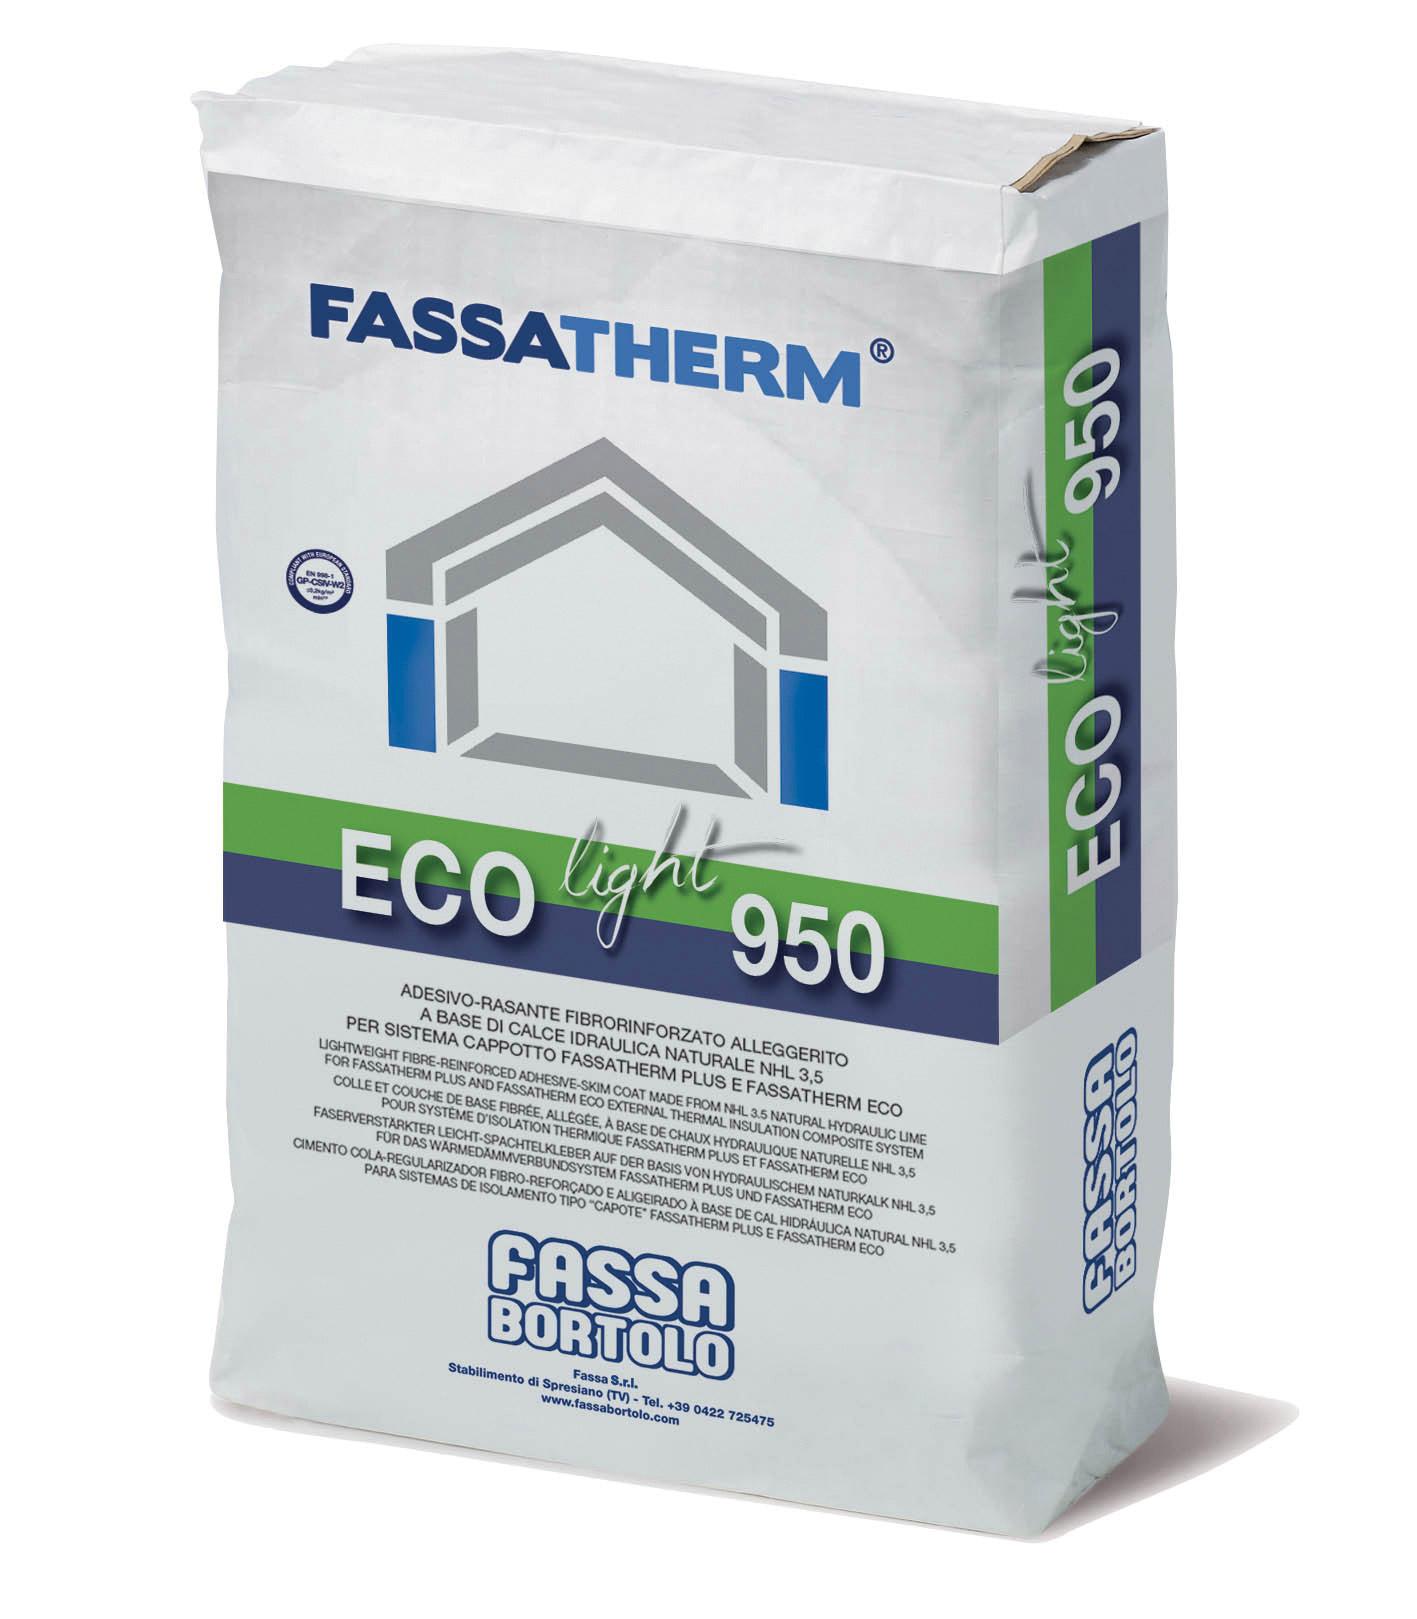 ECO-LIGHT 950: Collante-Rasante alleggerito, fibrato, a base di calce idraulica naturale NHL 3,5 per Sistemi Fassatherm®